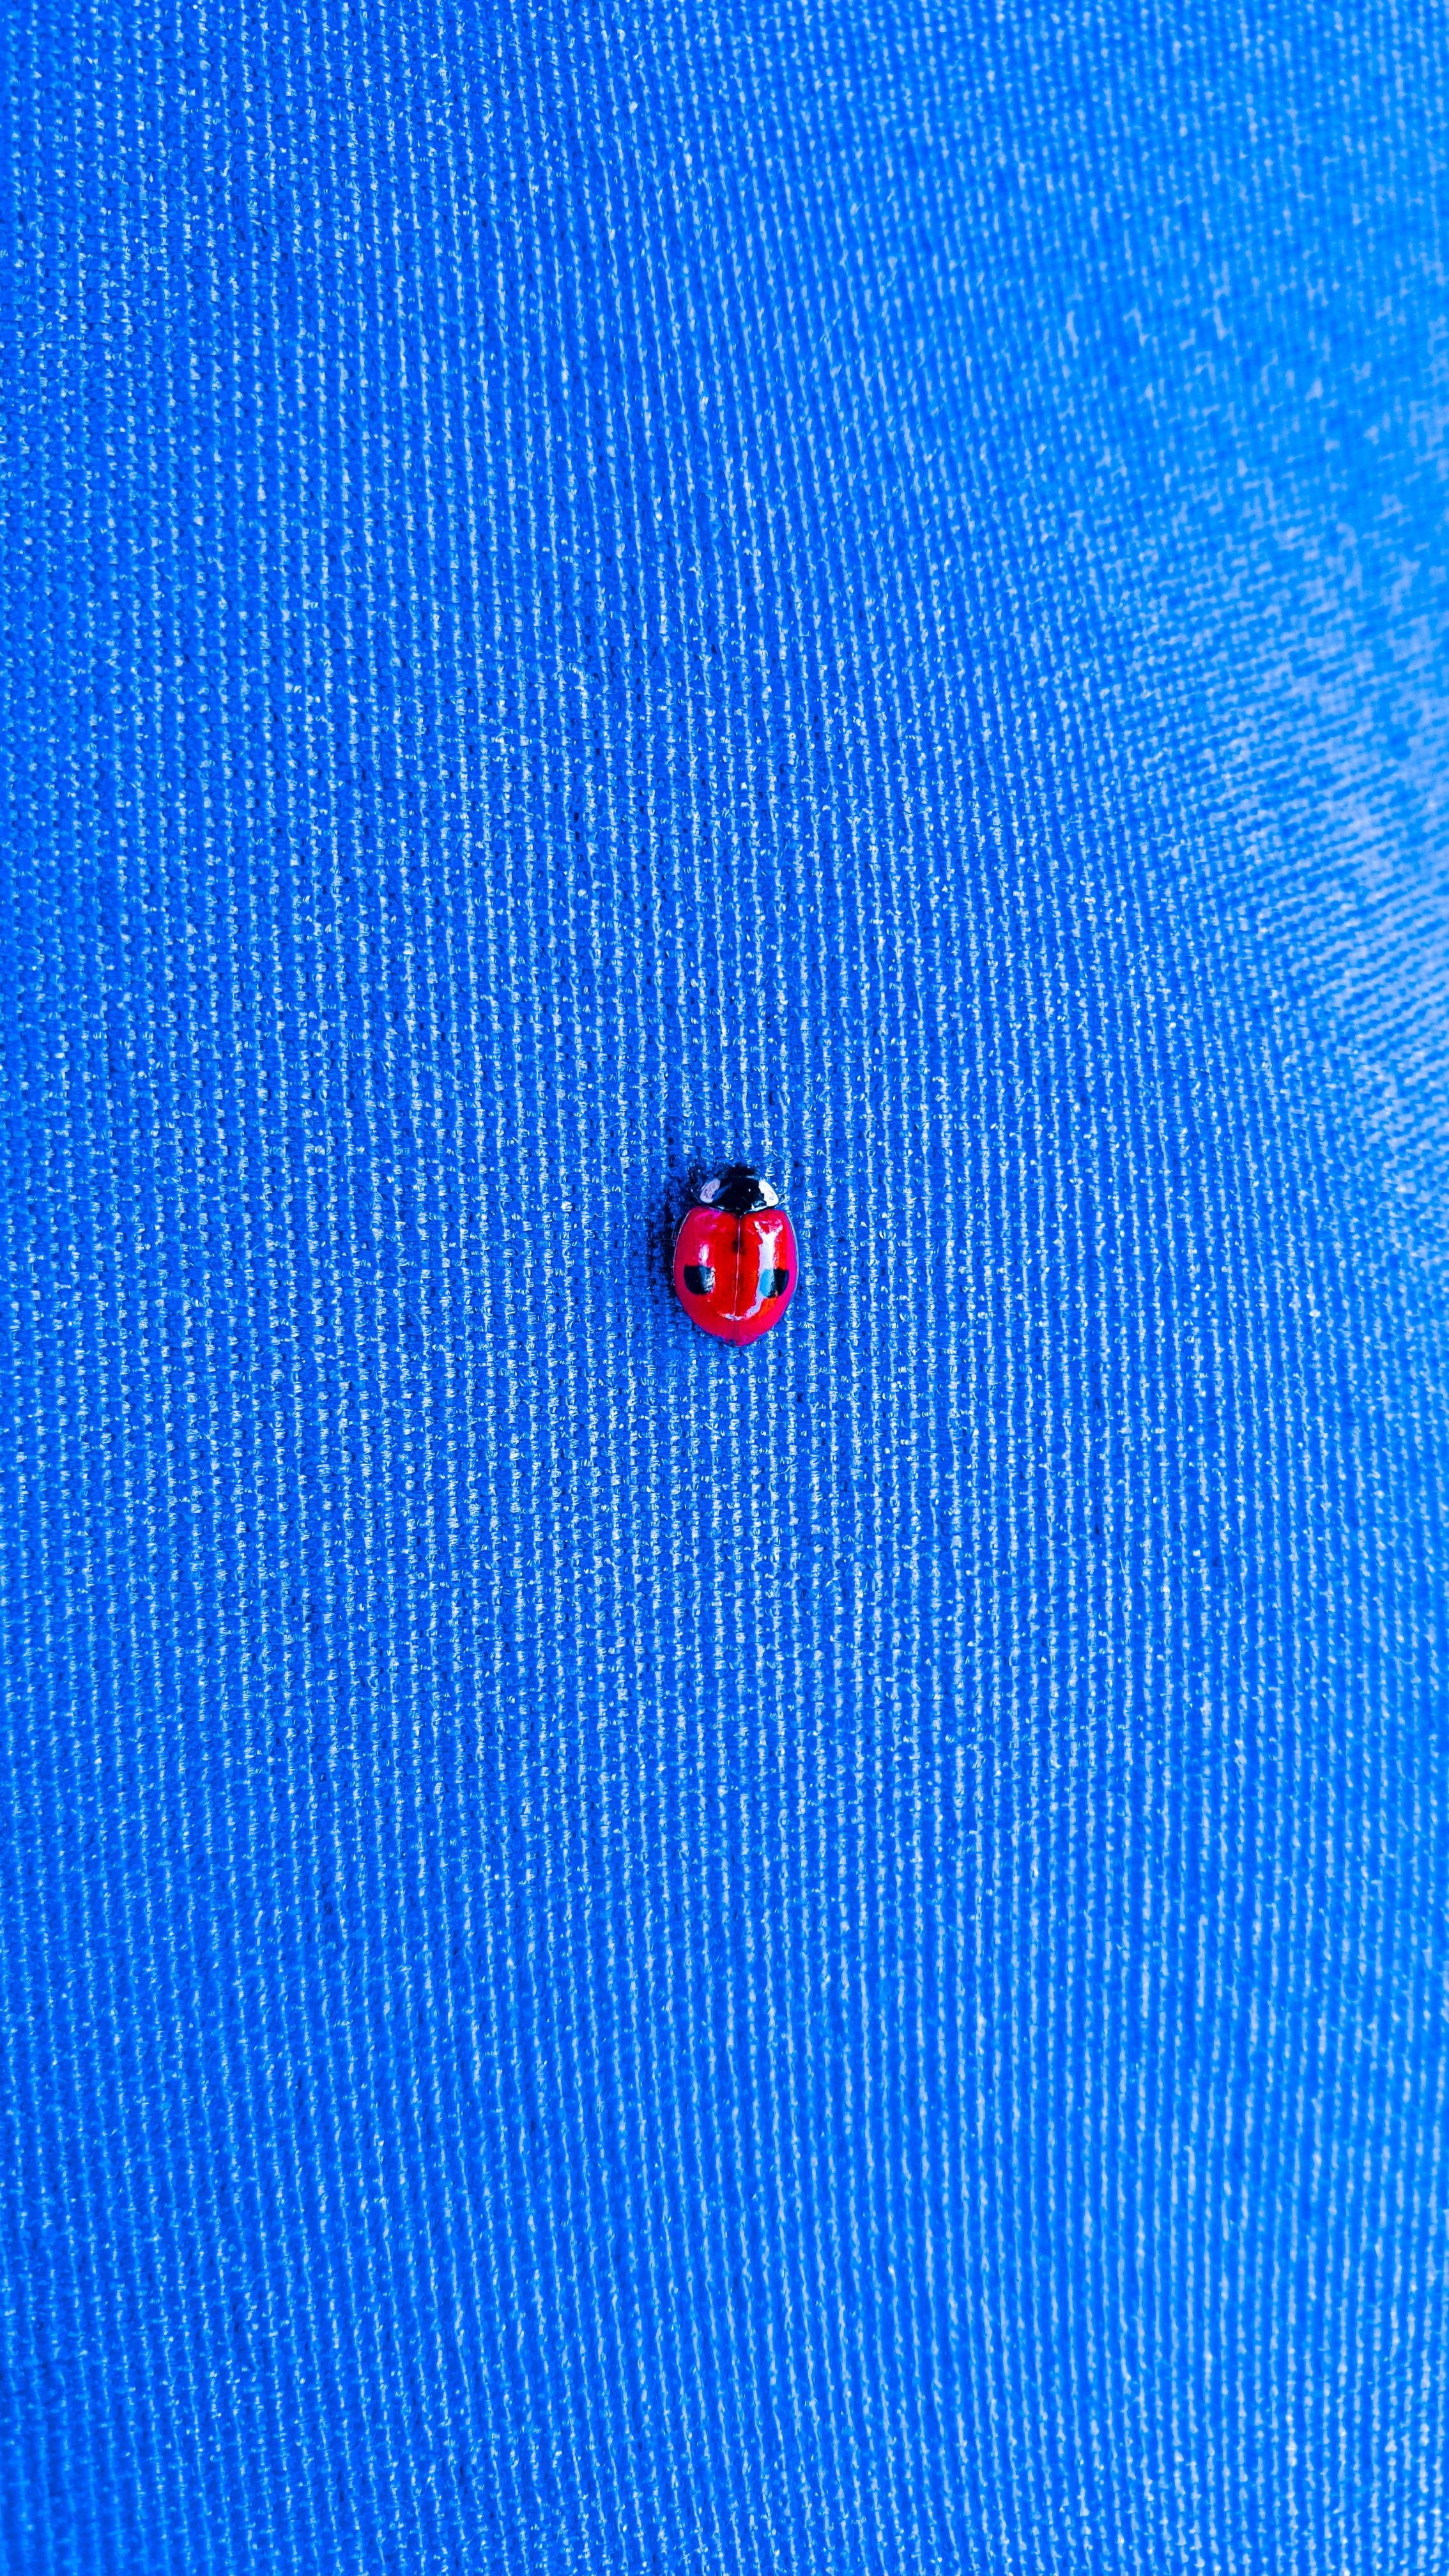 Kostenloses Stock Foto zu blau, blauem hintergrund, bug, insekt